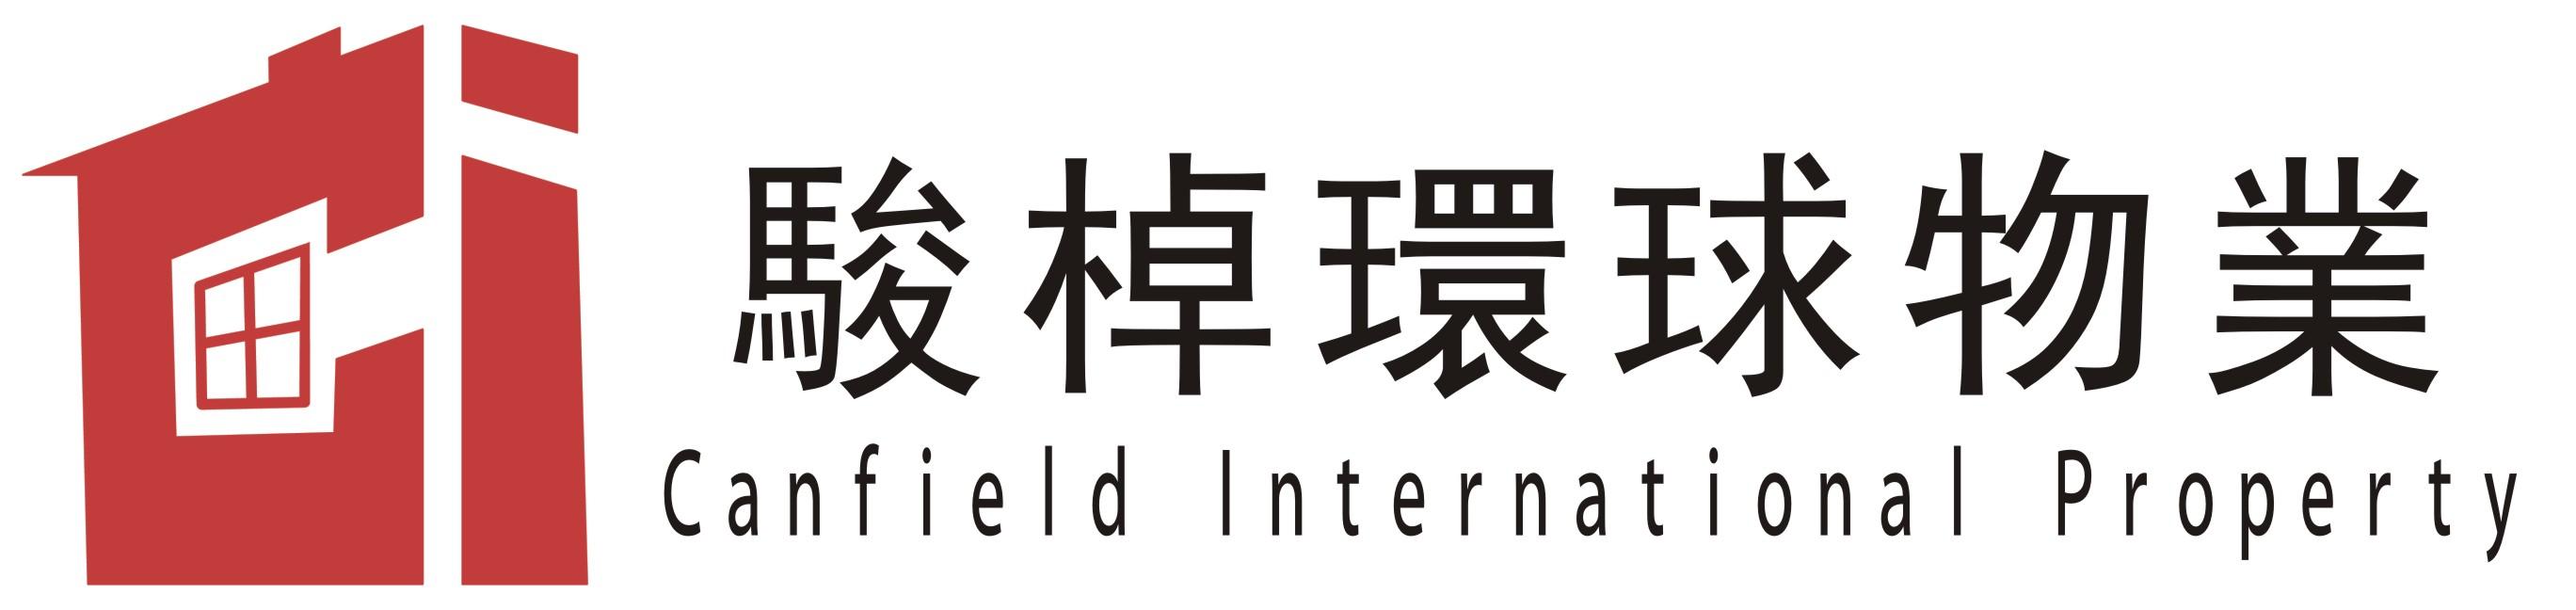 深圳前海骏棹海外投资顾问有限公司